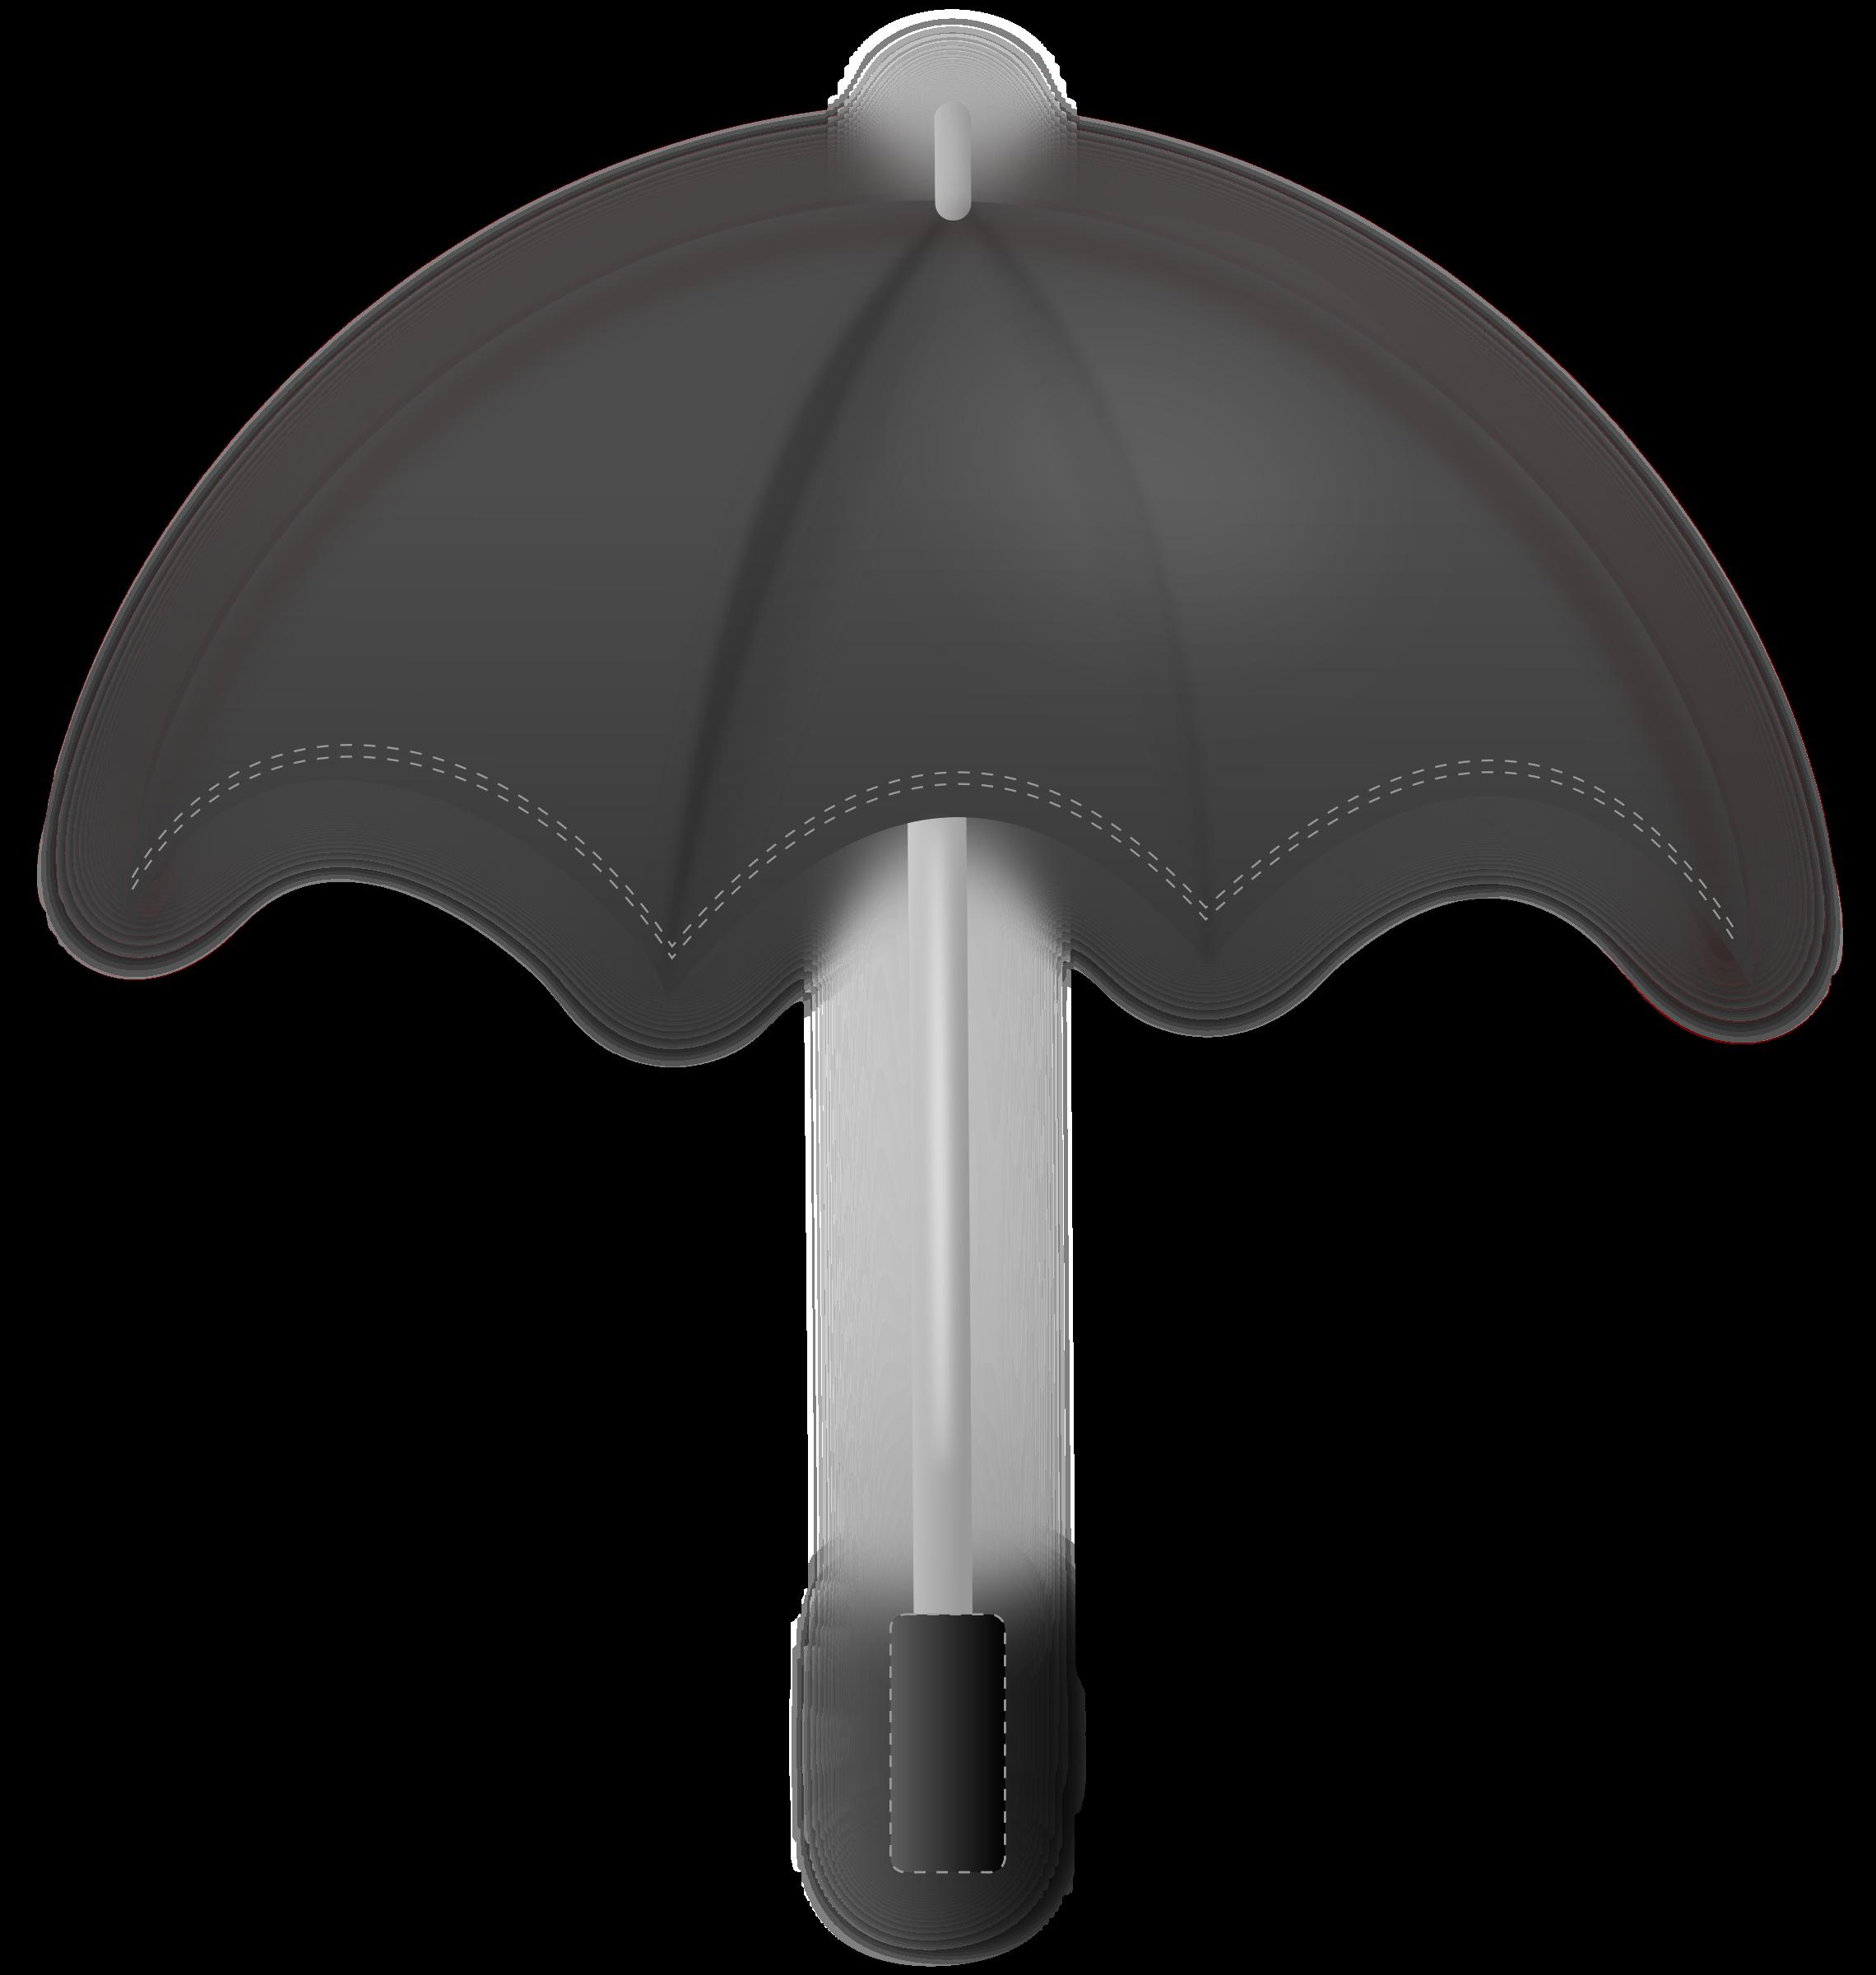 Clipart umbrella umbrellablack. Black big image png